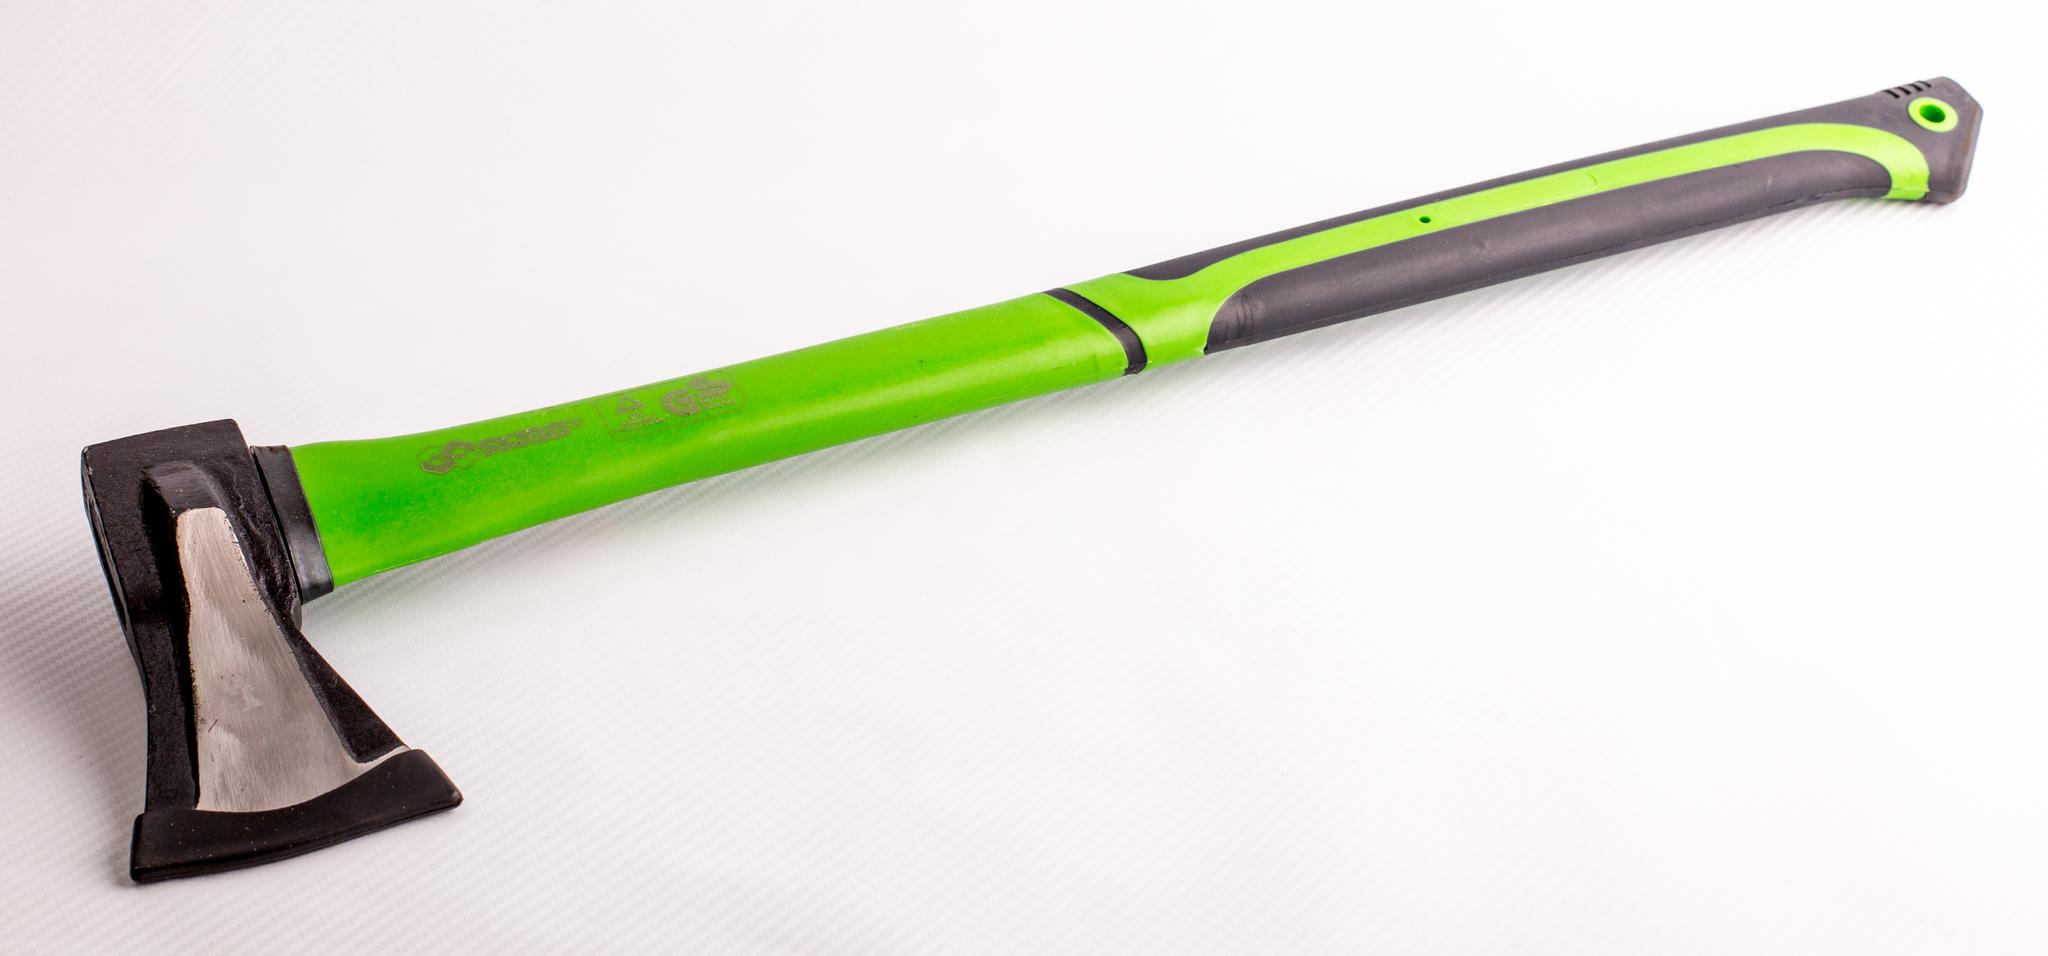 Фото 11 - Топор-колун с удлиненной фиберглассовой ручкой, 1000гр. от Noname